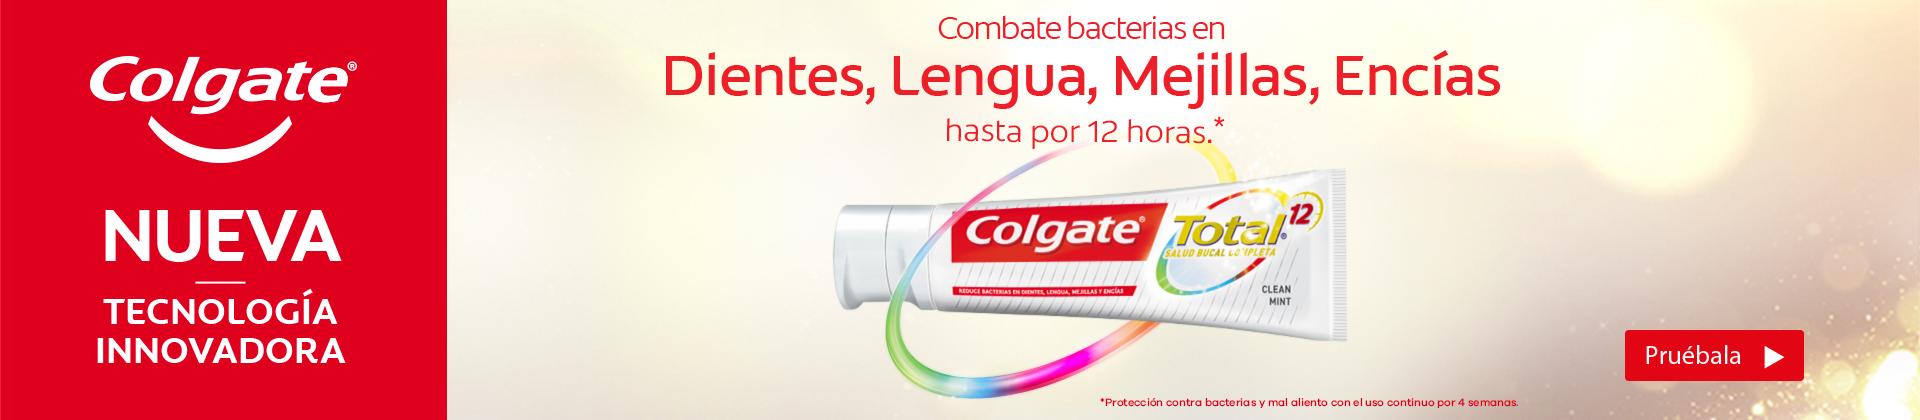 Colgate Total 12